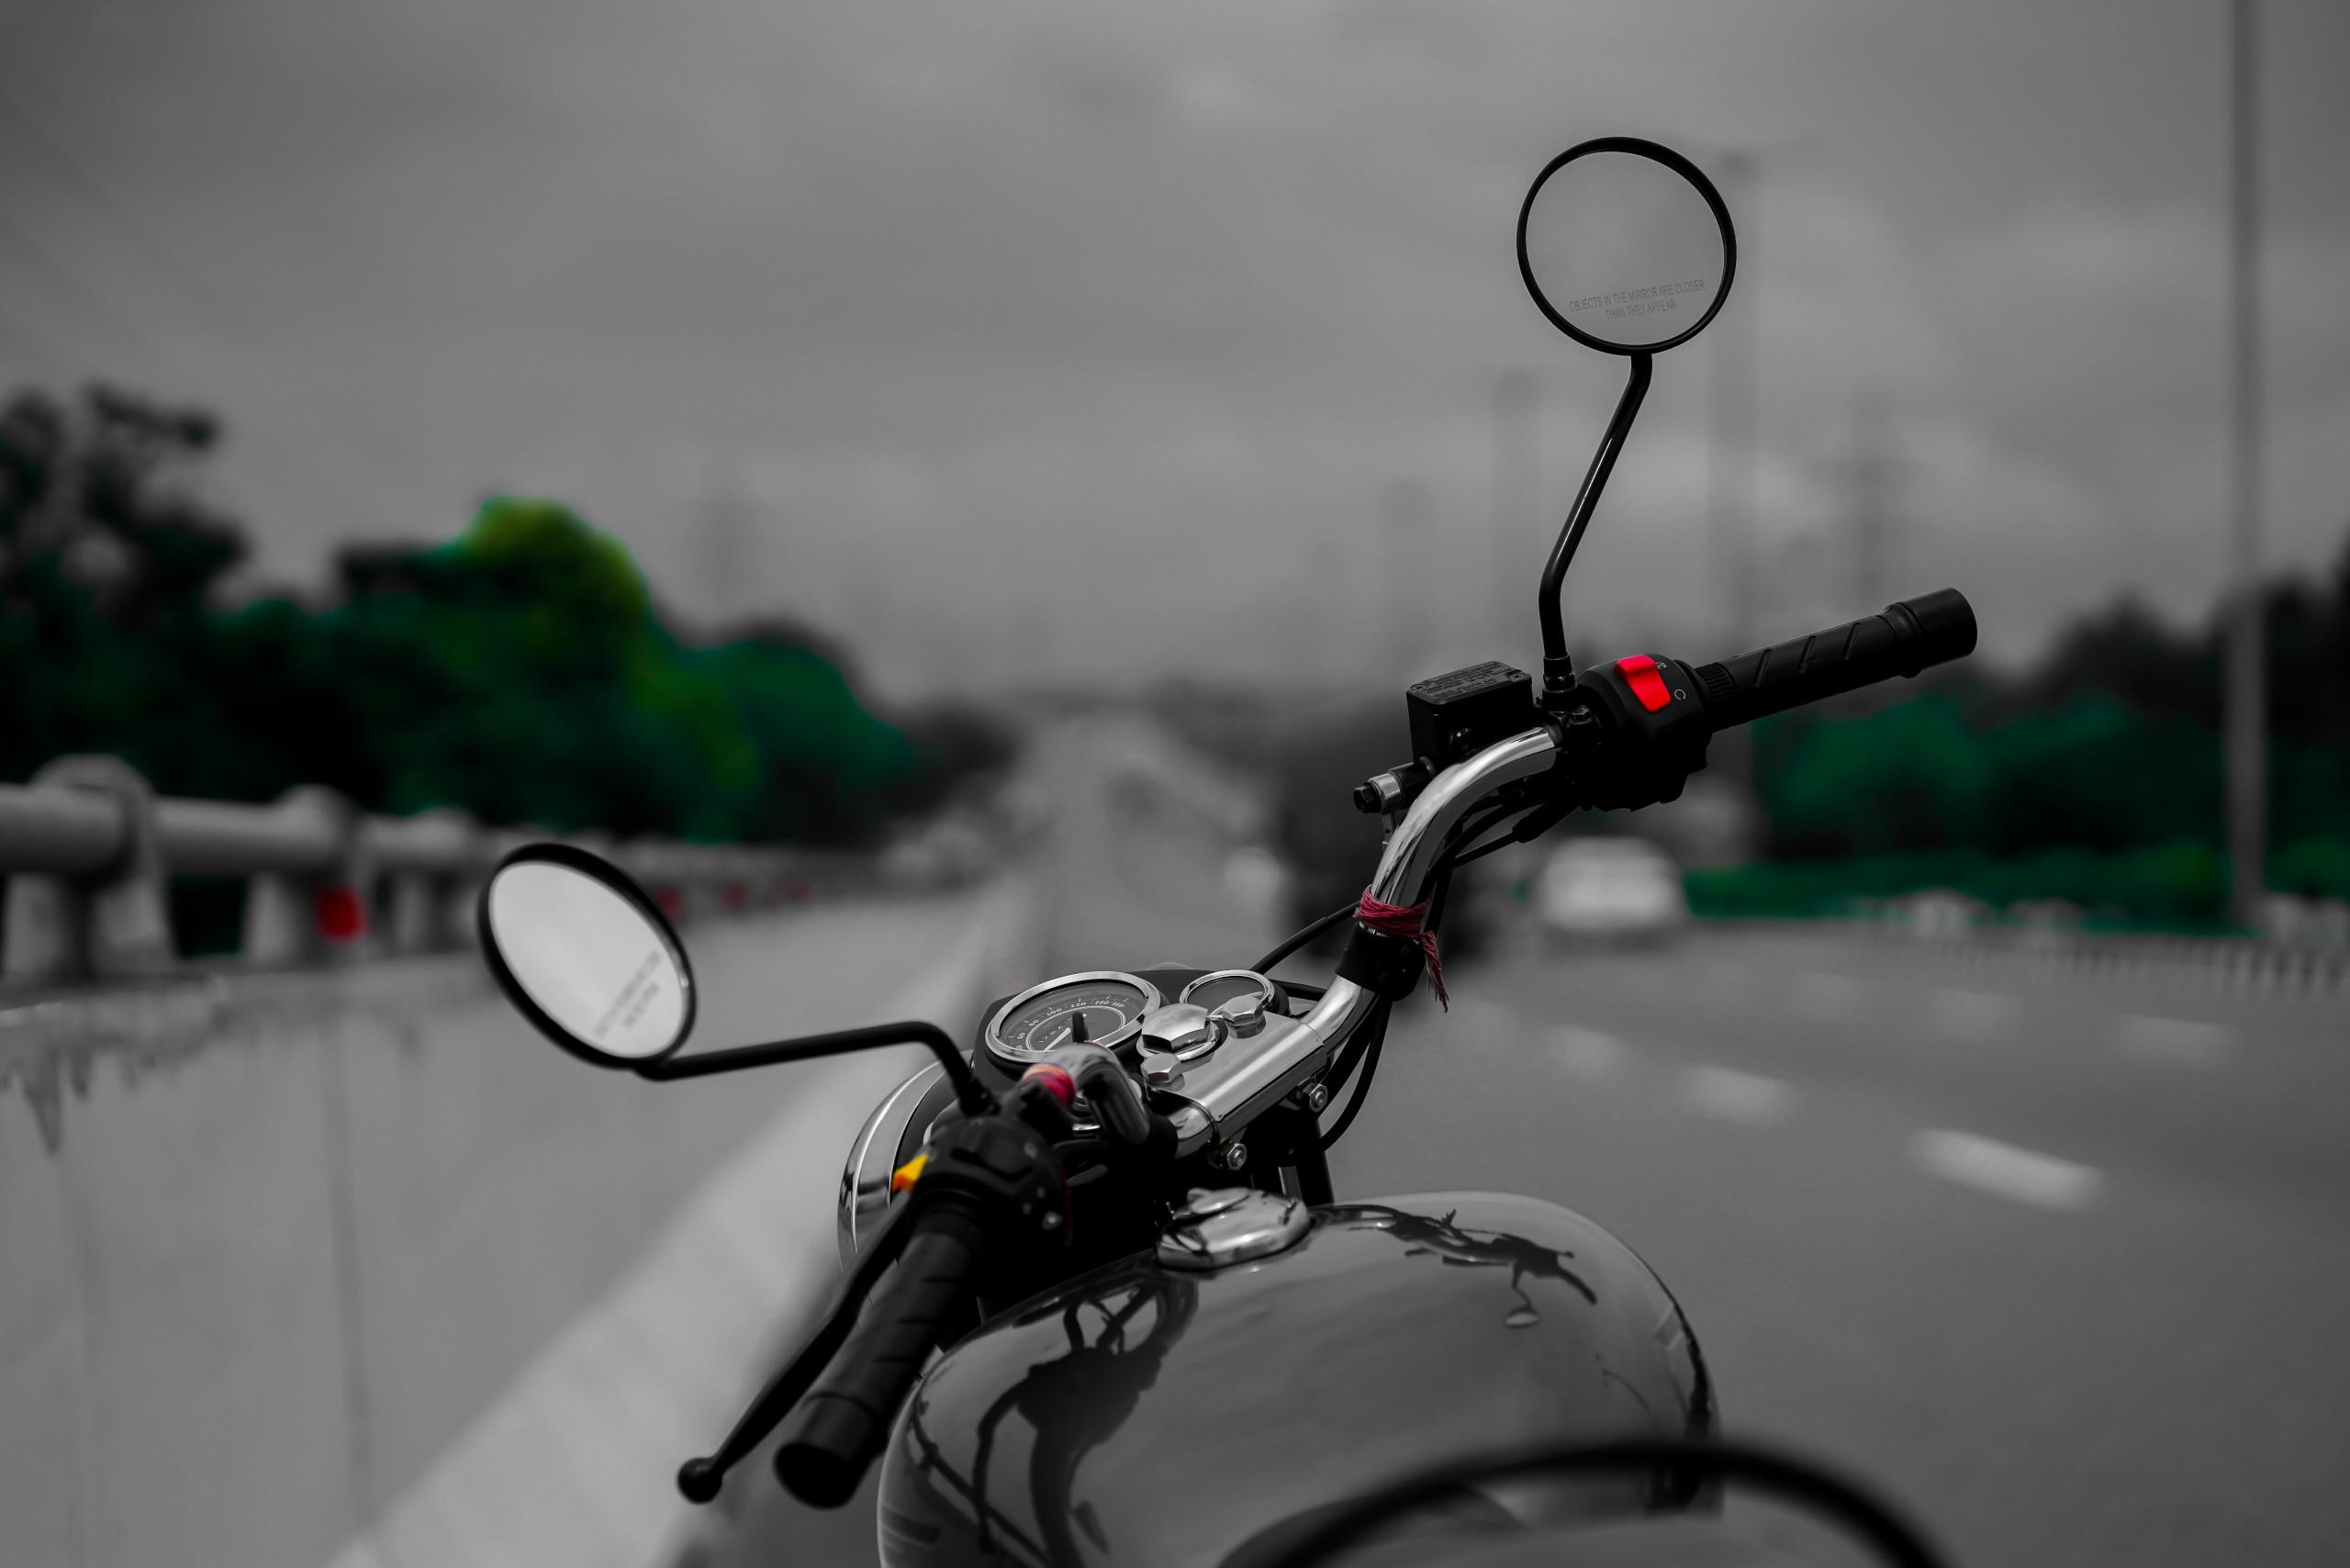 A bike on a road